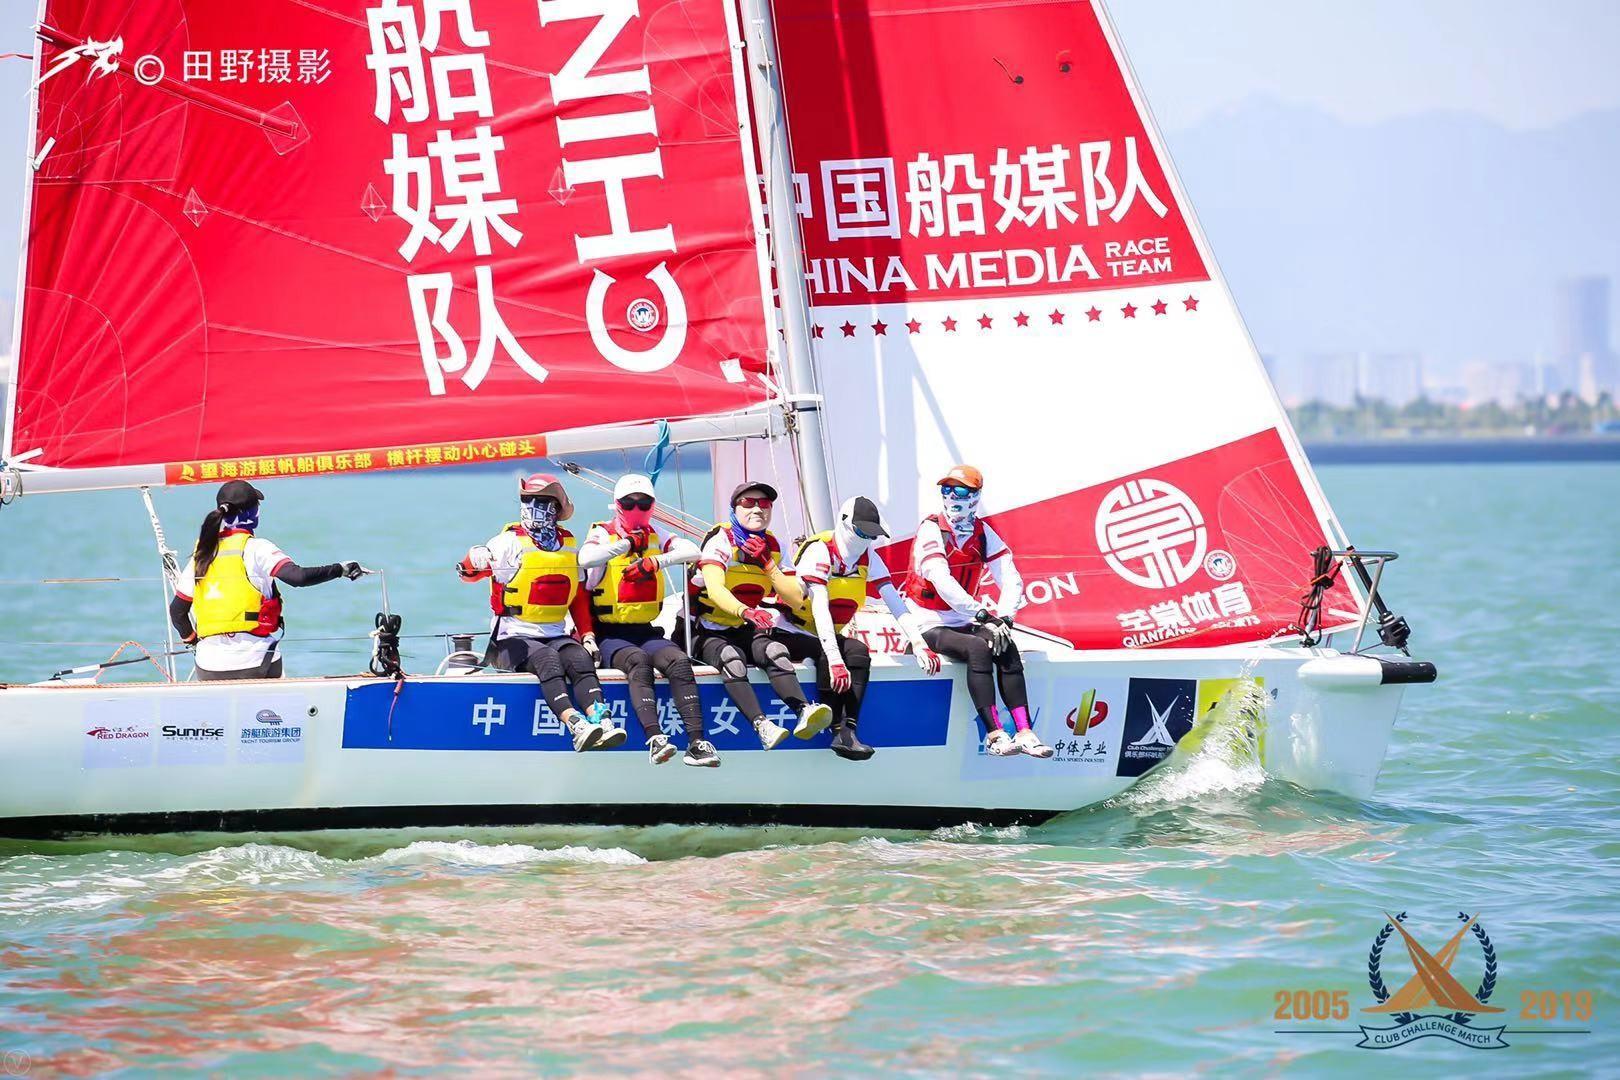 帆船,孩子,中国,螃蟹,小白 中国船媒女子队与2019中国俱乐部杯帆船挑战赛的精彩碰撞